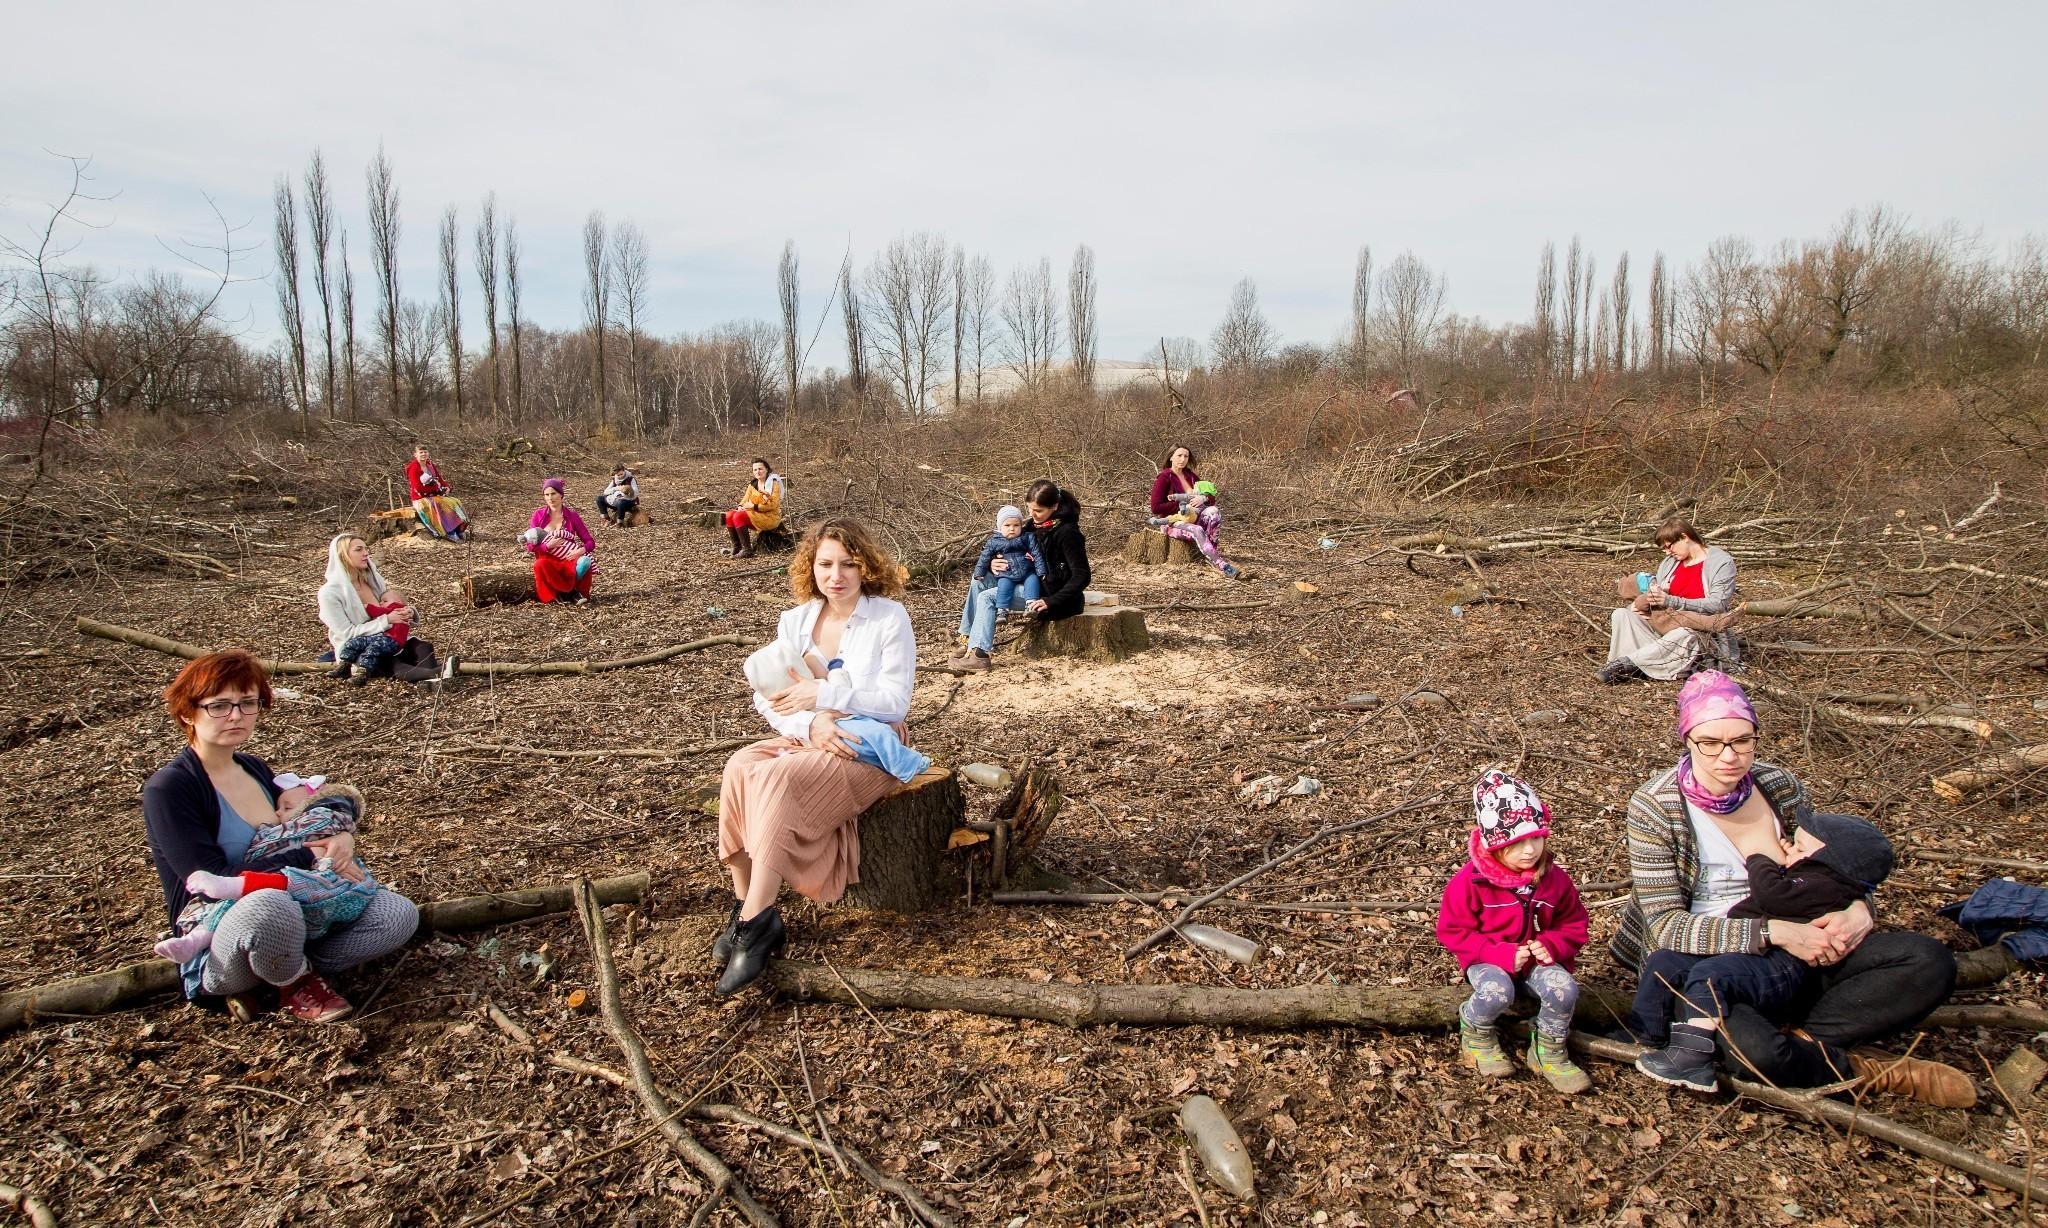 Polish law change unleashes 'massacre' of trees